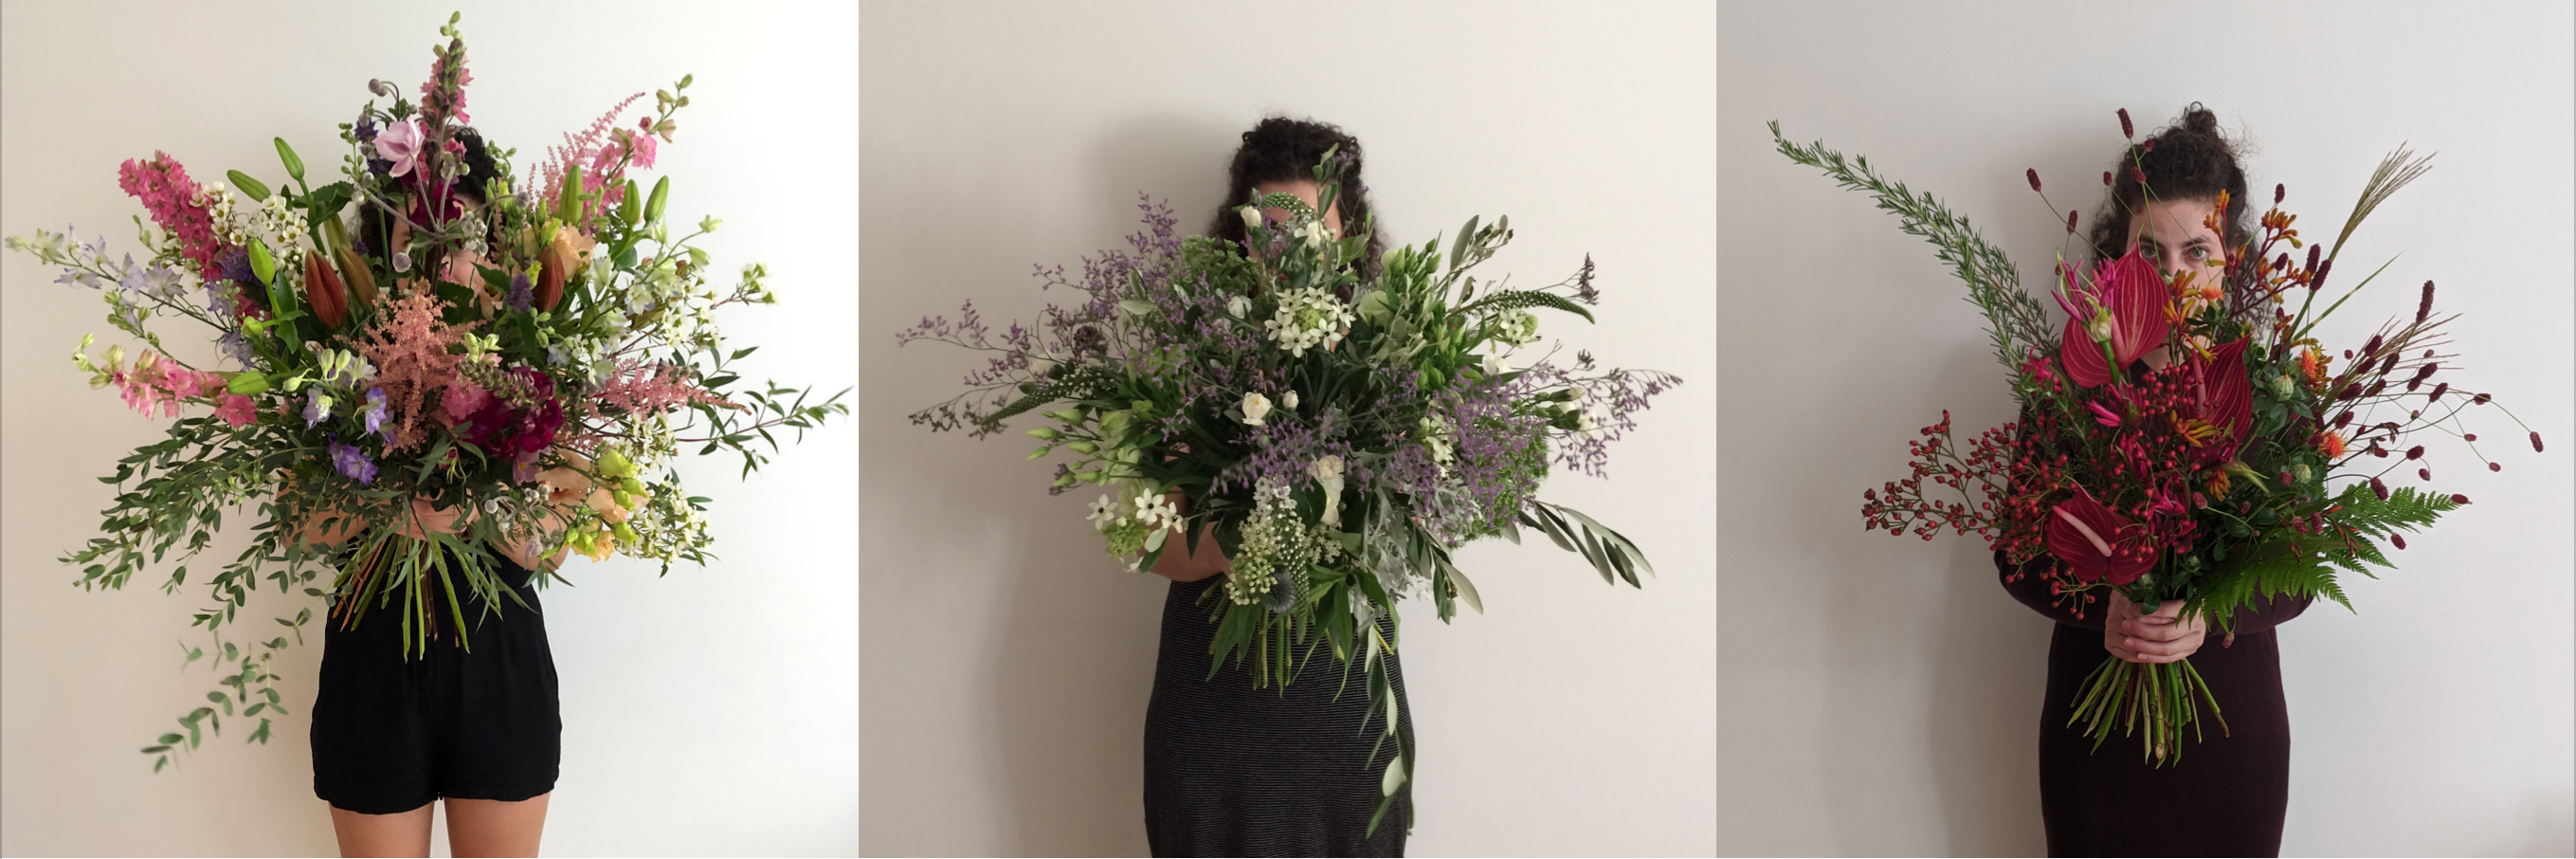 Blumen-Abo_Alisa-Knechtli